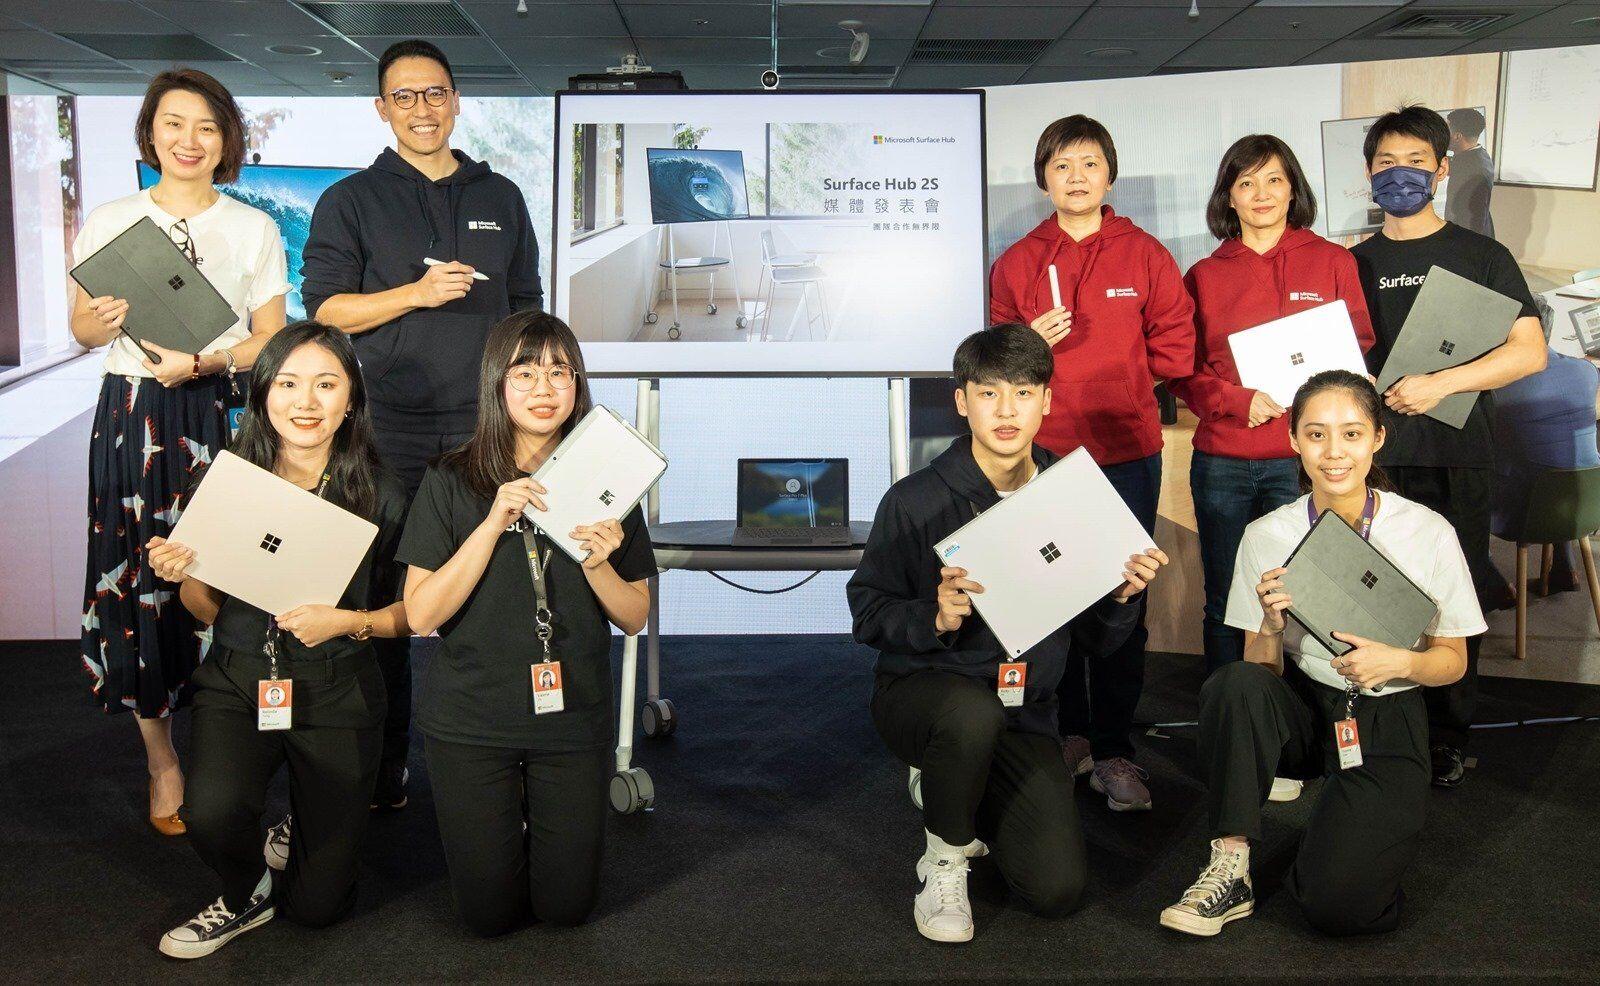 微軟 Surface Hub 2S 在台正式上市 @3C 達人廖阿輝